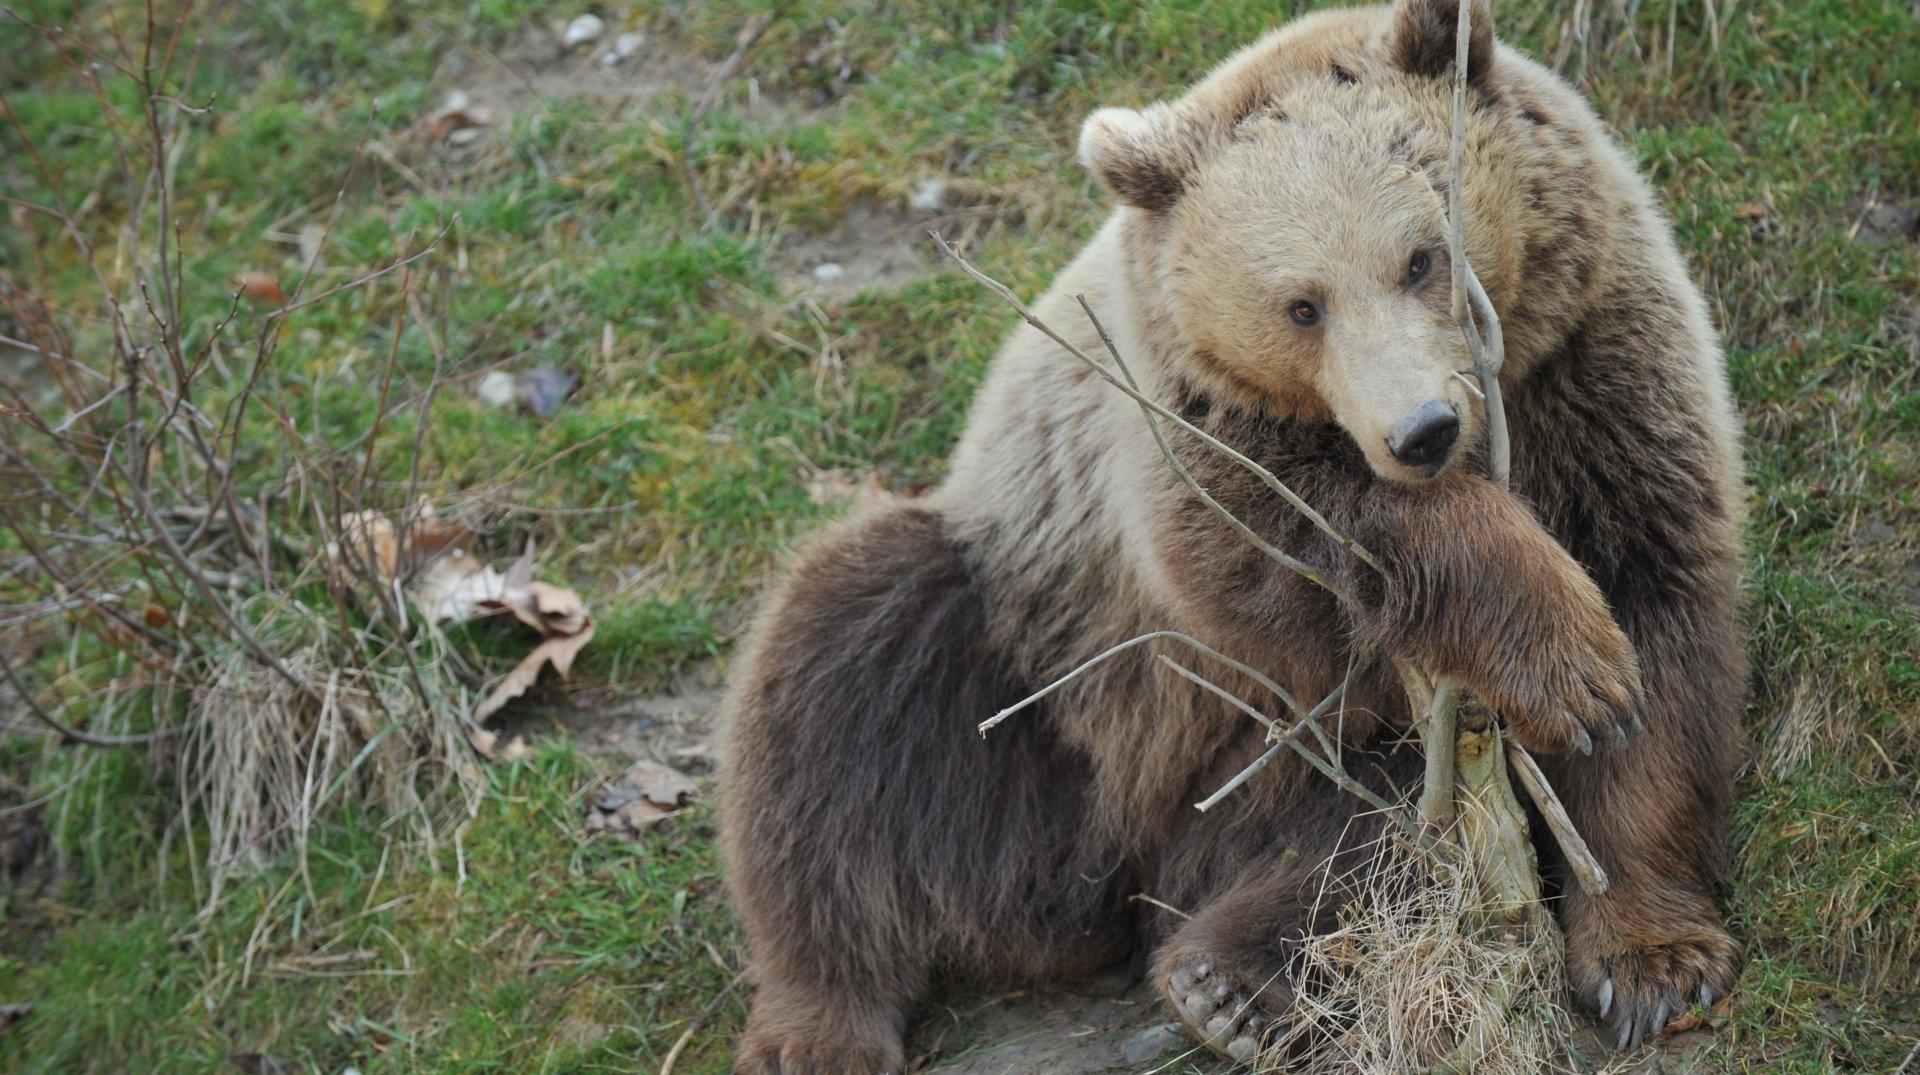 L'ours, symbole vivant de la ville de Berne